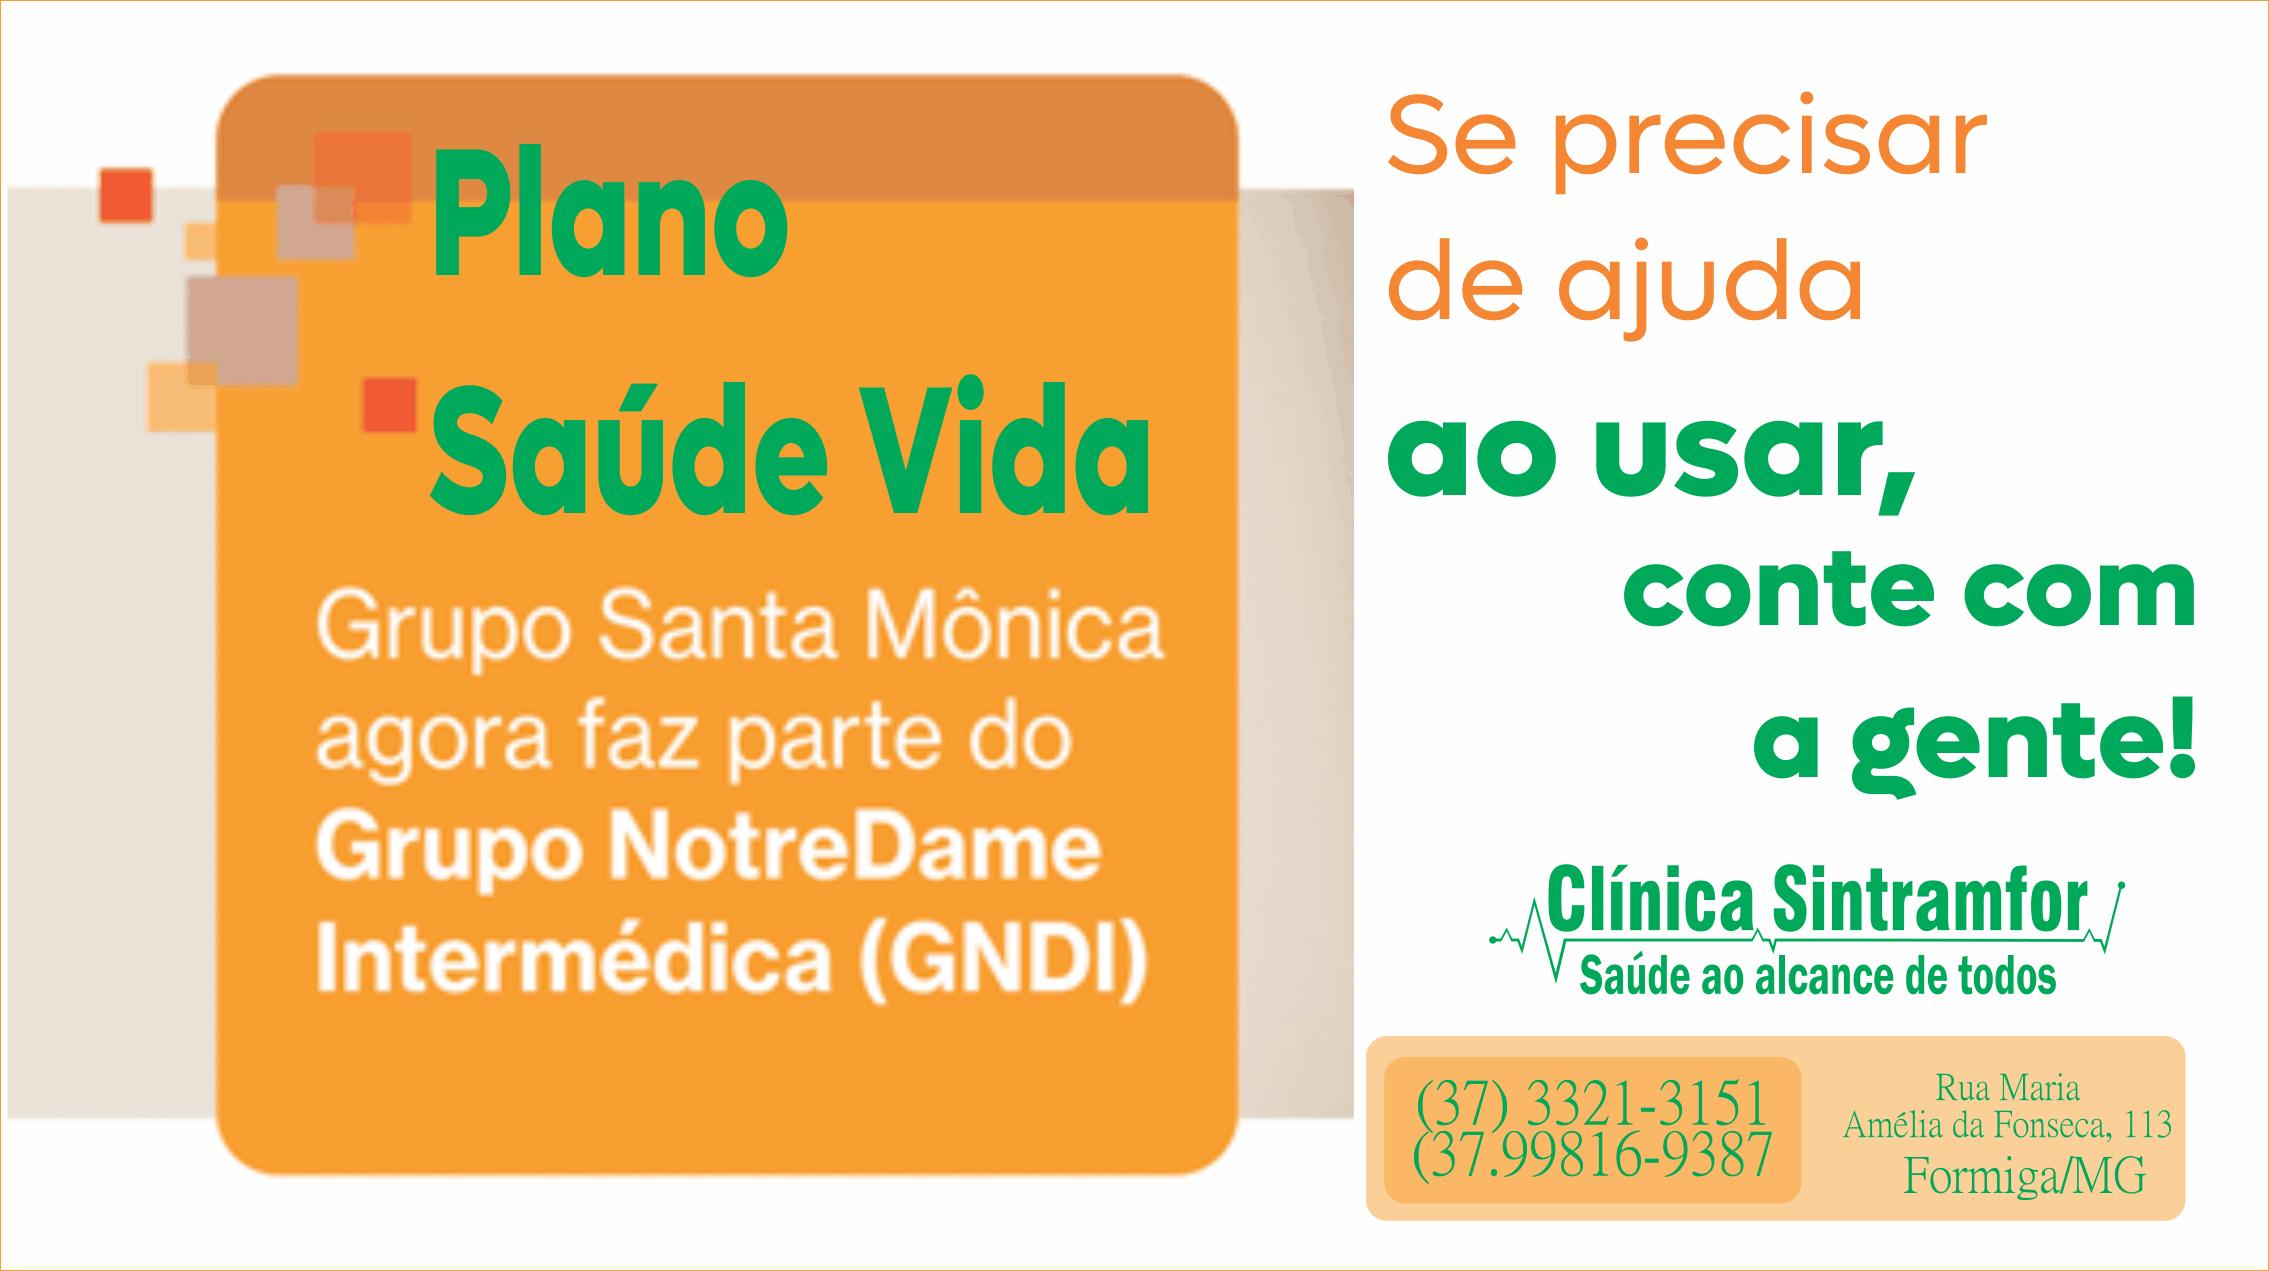 saudevida_intermedica